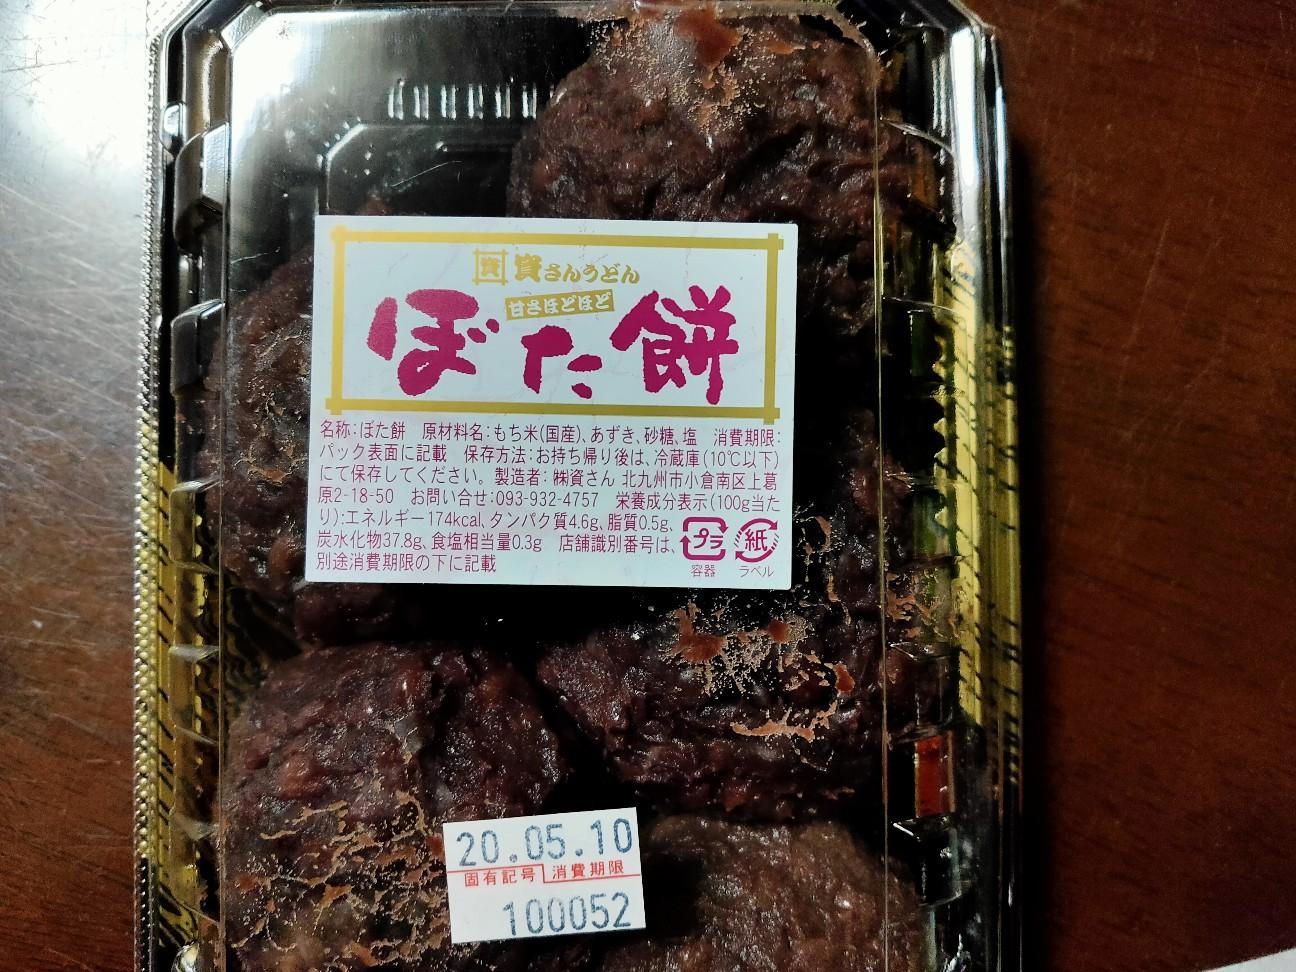 f:id:shingo_shiraishi:20200510201833j:image